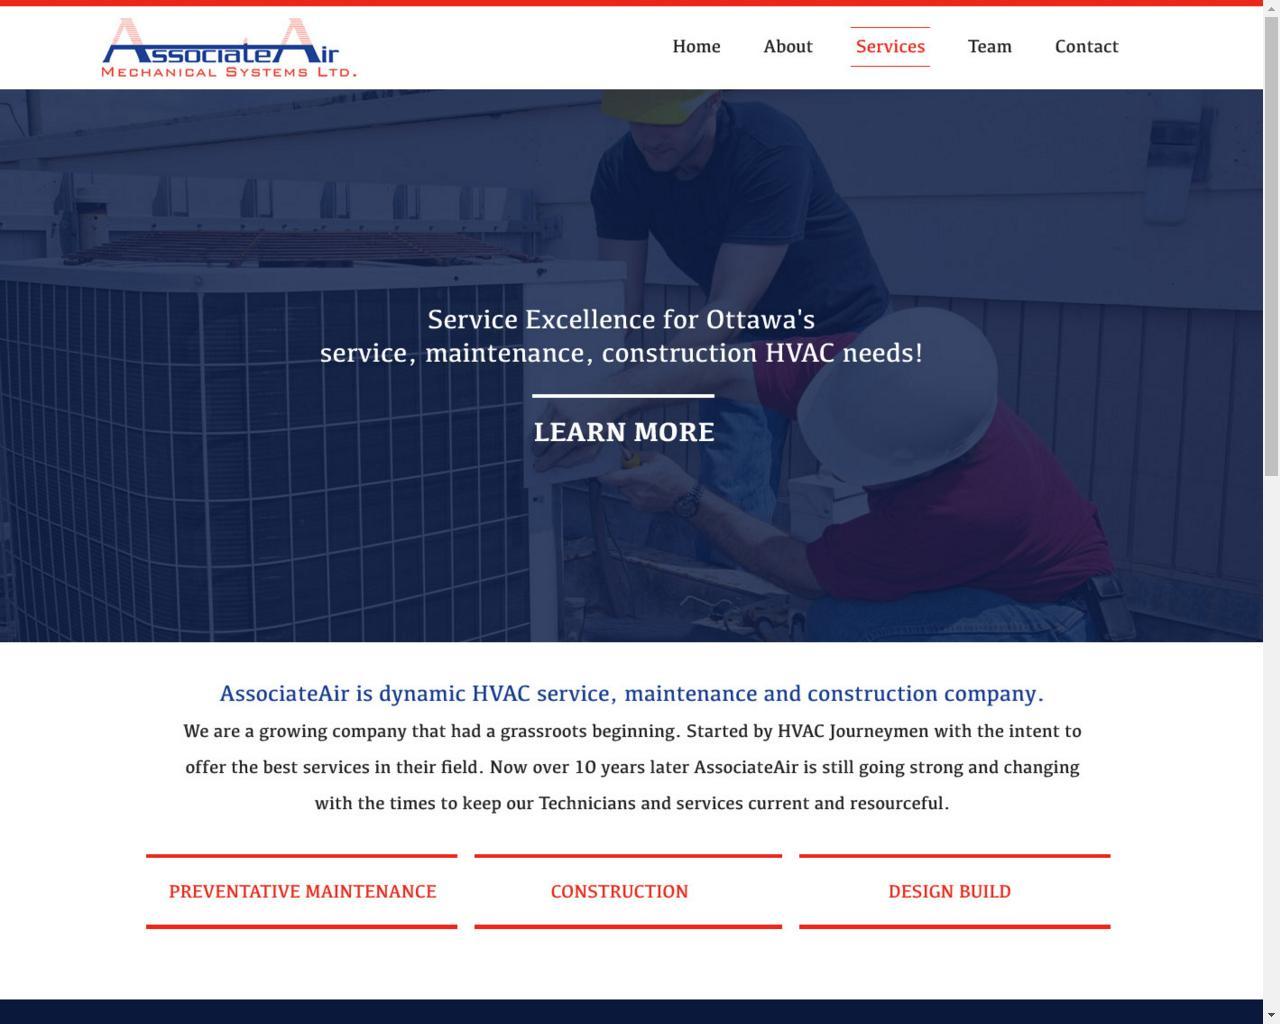 AssociateAir Mechanical Systems LTD.